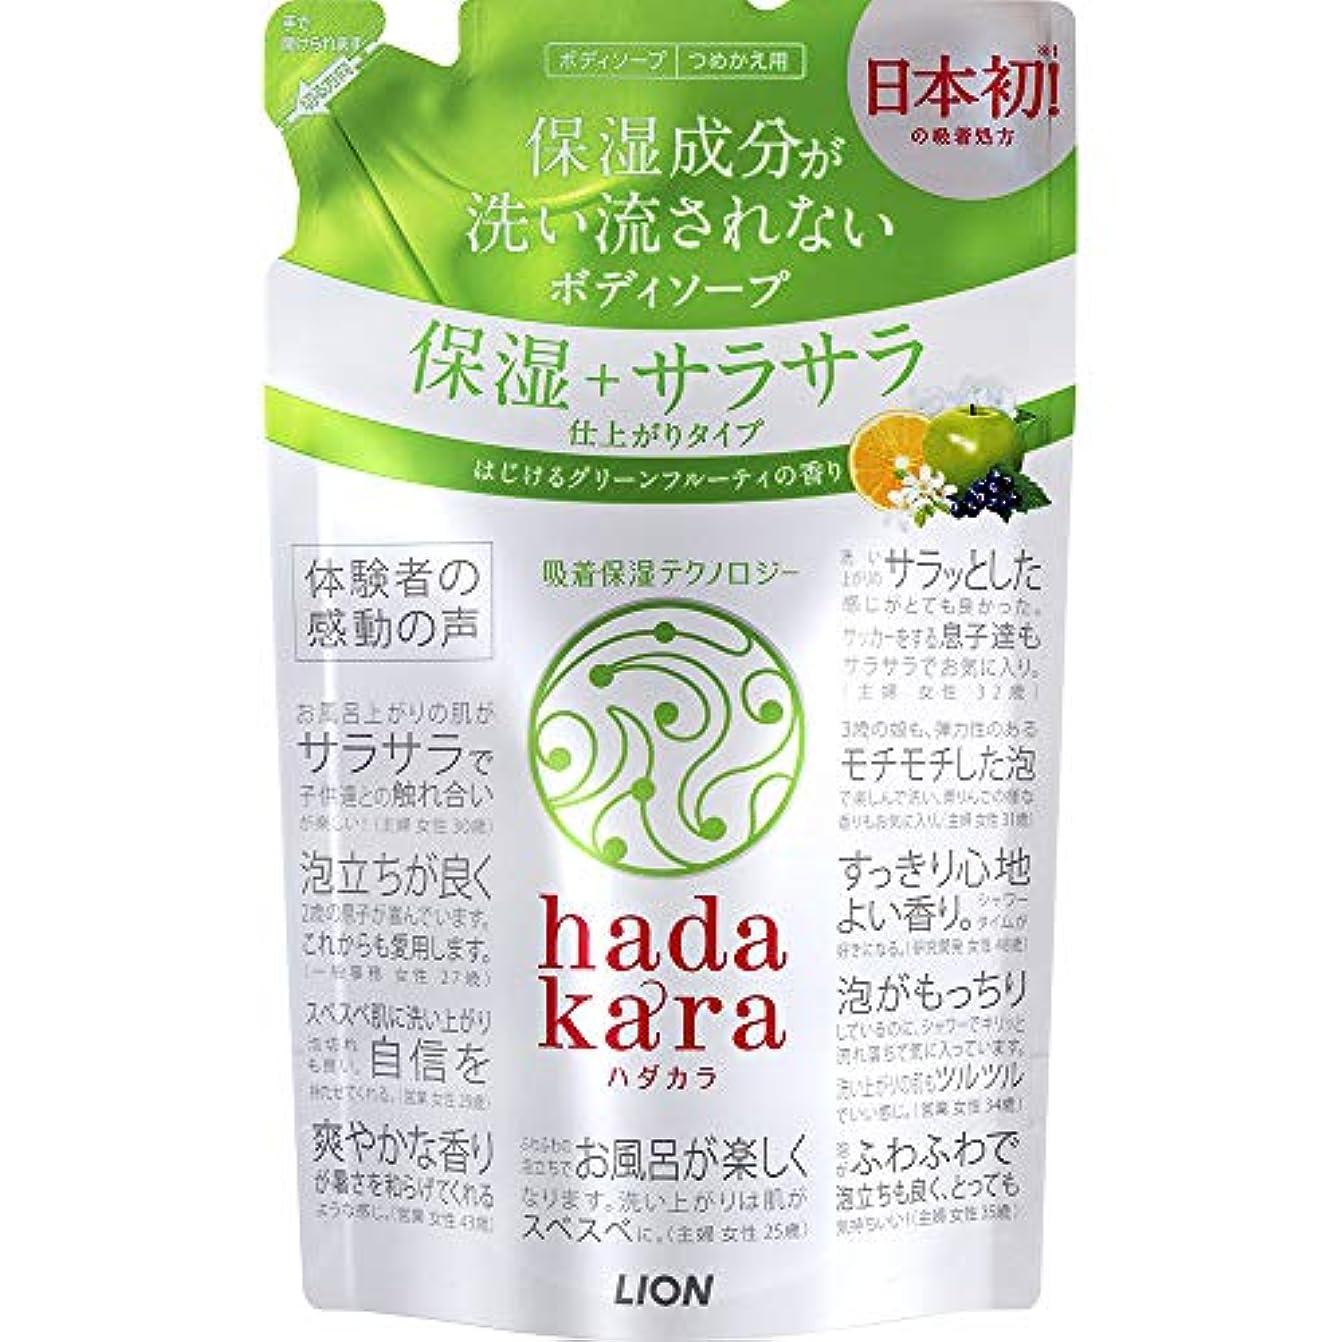 破壊ぬるいコンパイルhadakara(ハダカラ) ボディソープ 保湿+サラサラ仕上がりタイプ グリーンフルーティの香り 詰め替え 340ml